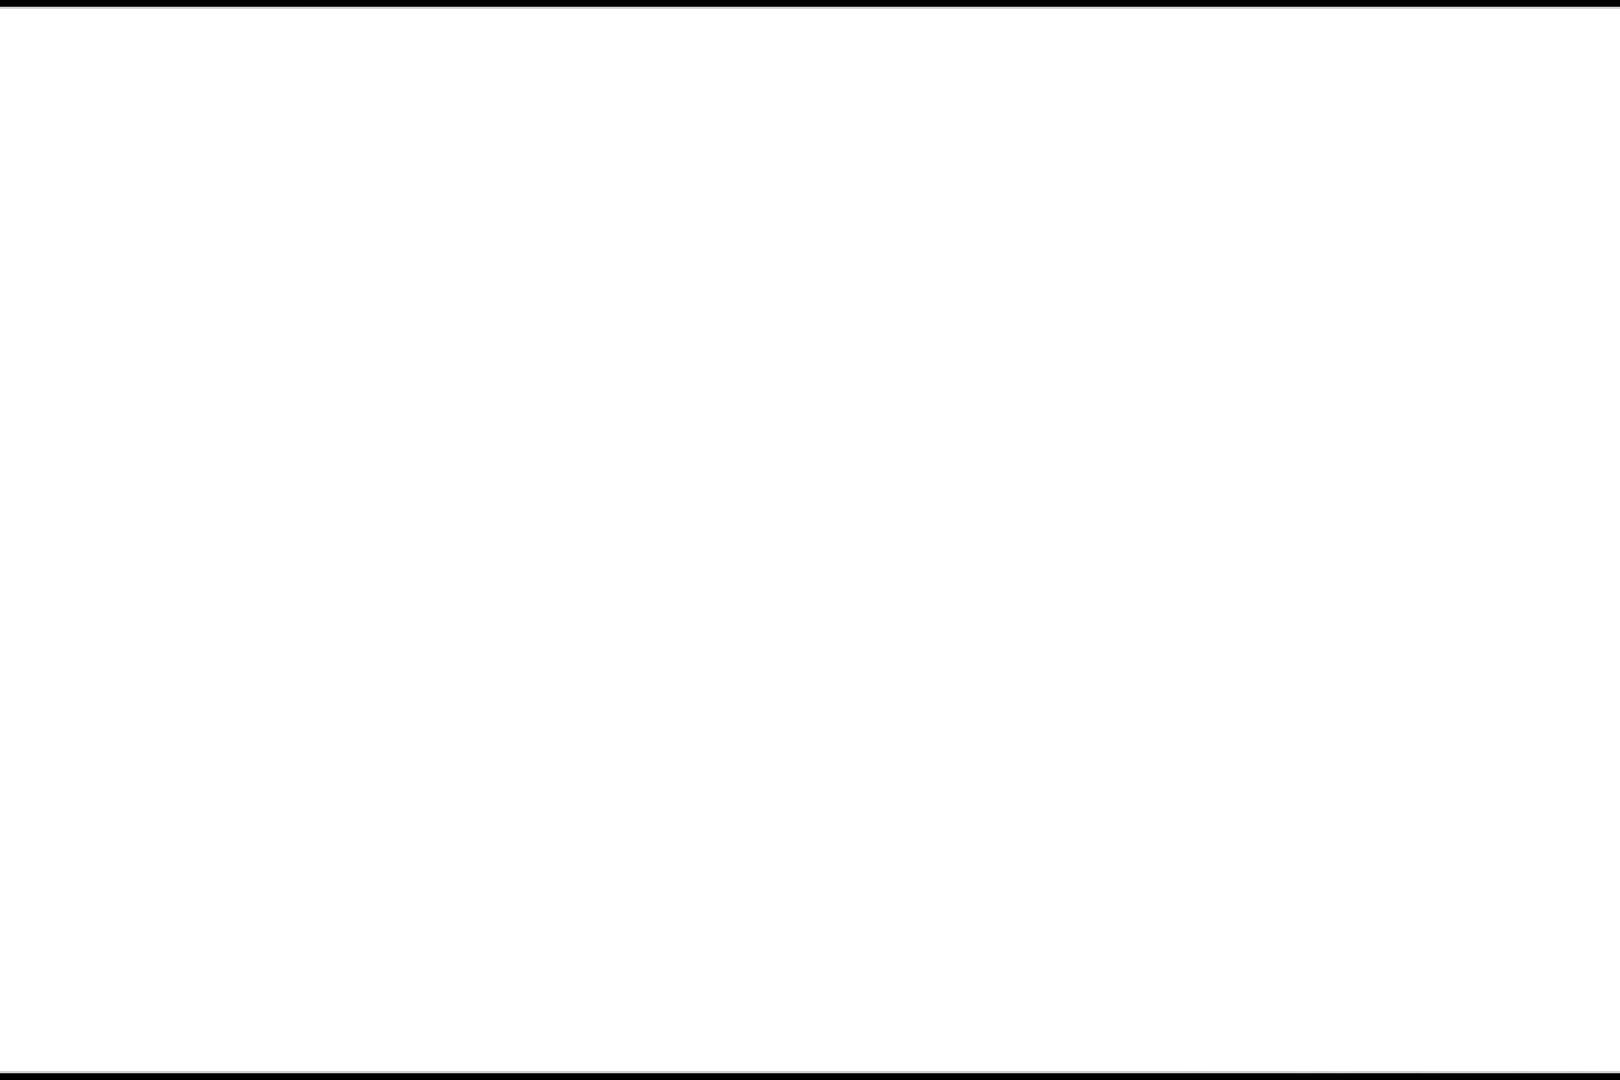 和式にまたがる女たちを待ちうけるカメラの衝撃映像vol.02 OLセックス 盗み撮りAV無料動画キャプチャ 83画像 26